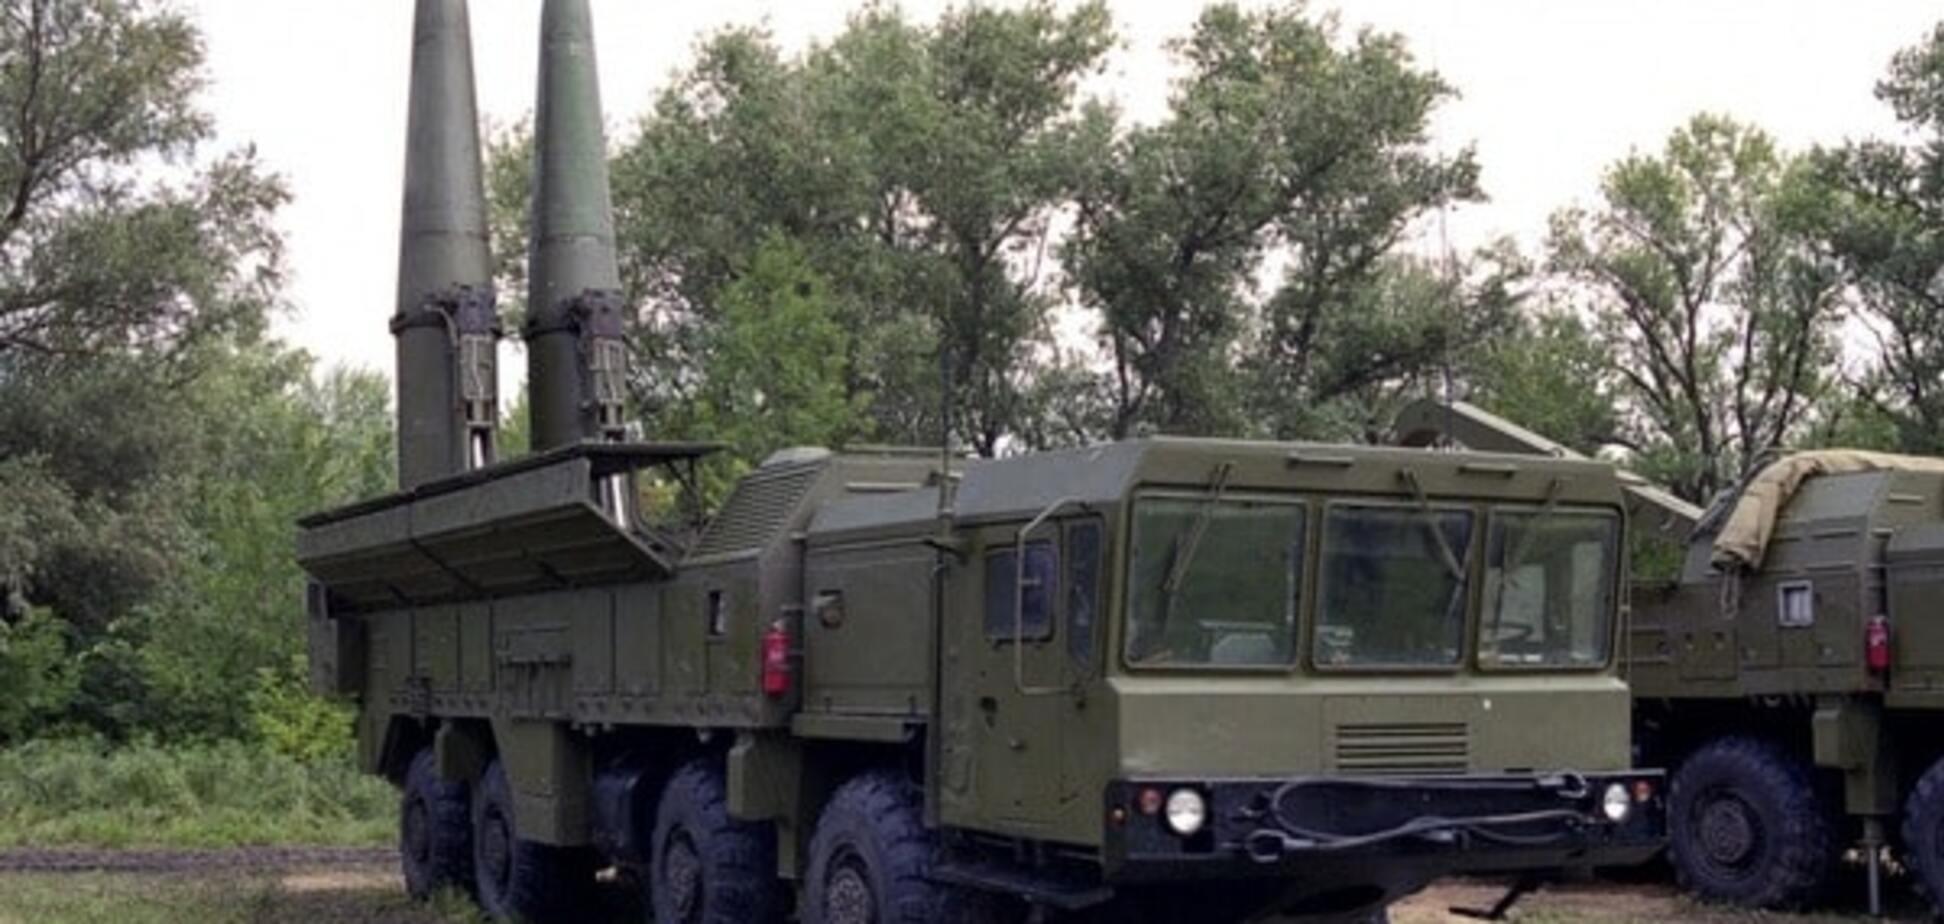 Волонтери дізналися, де у Криму окупанти можуть заховати ядерну зброю